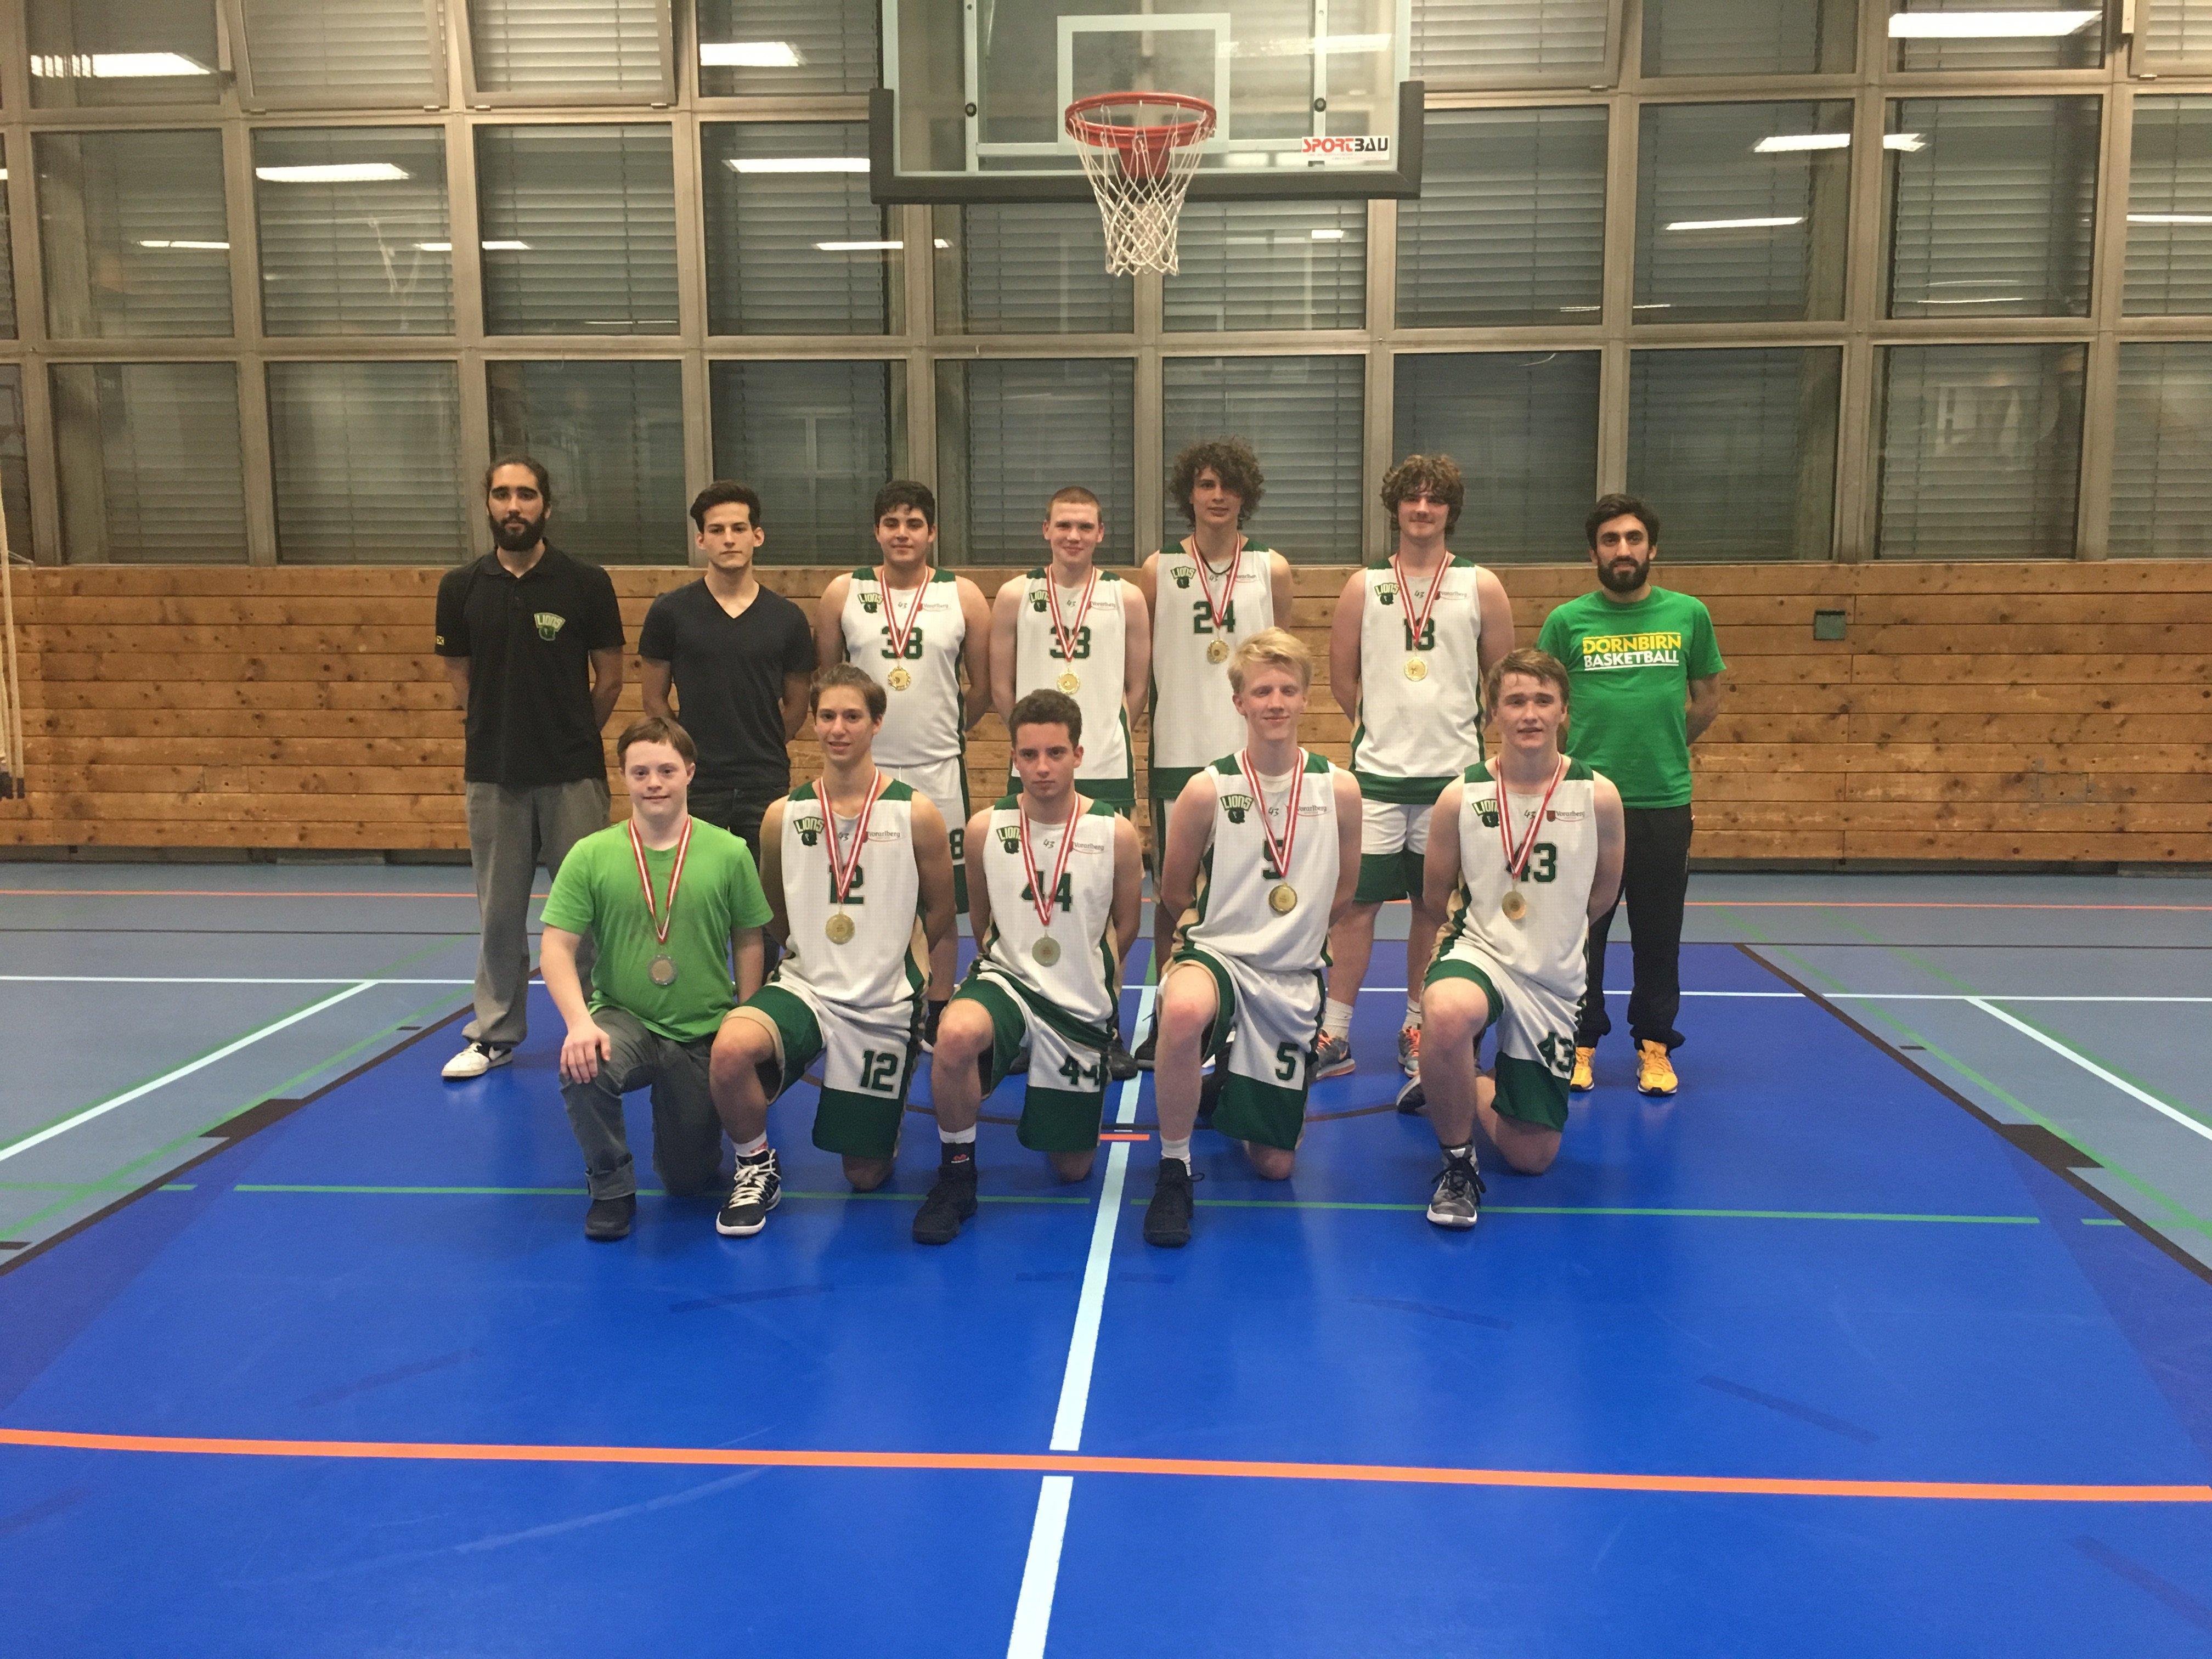 Die U19 der Dornbirn Lions scheint heuer unschlagbar und feierte bereits den 13. Sieg in Folge.